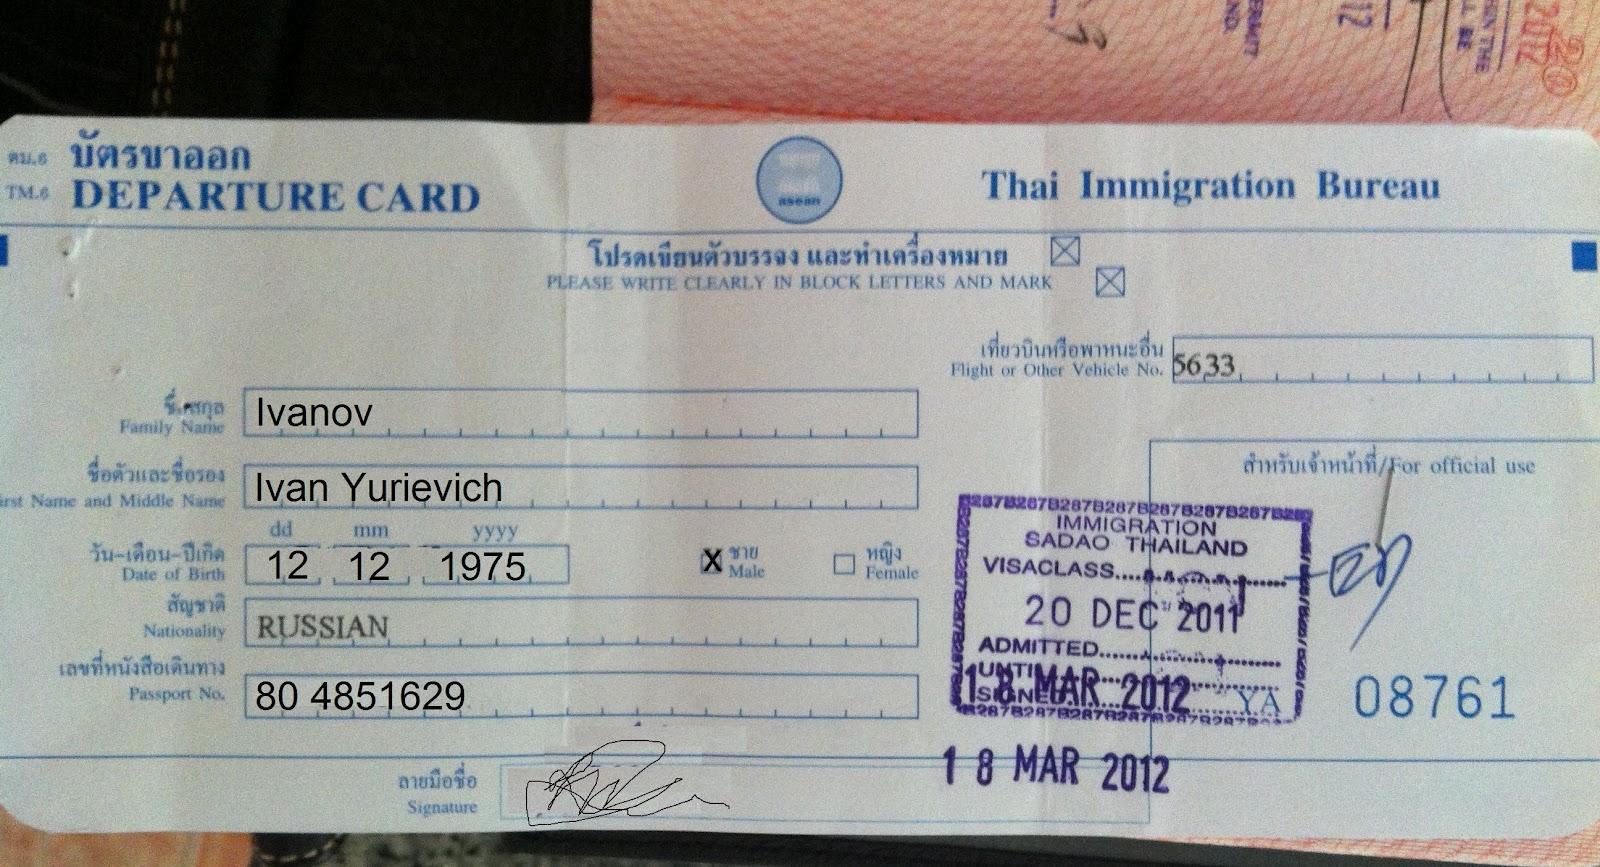 Виза в Таиланд в 2 16 году для россиян: нужна ли